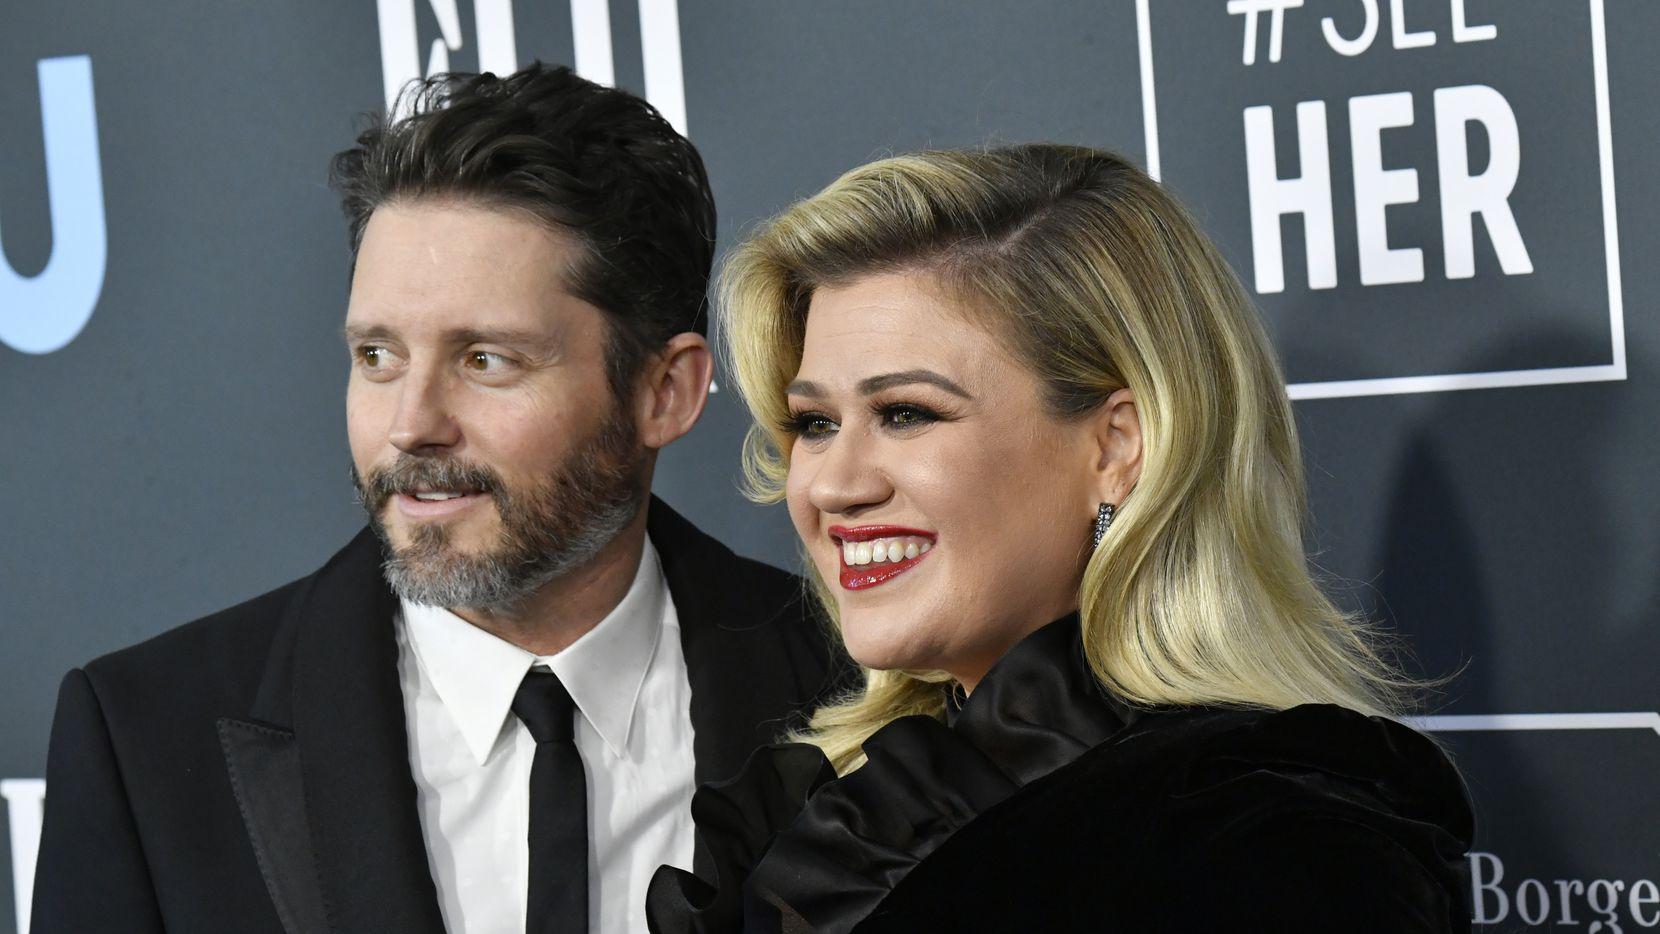 Brandon Blackstock y Kelly Clarkson se conocieron en 2011 y contrajeron matrimonio en 2013.